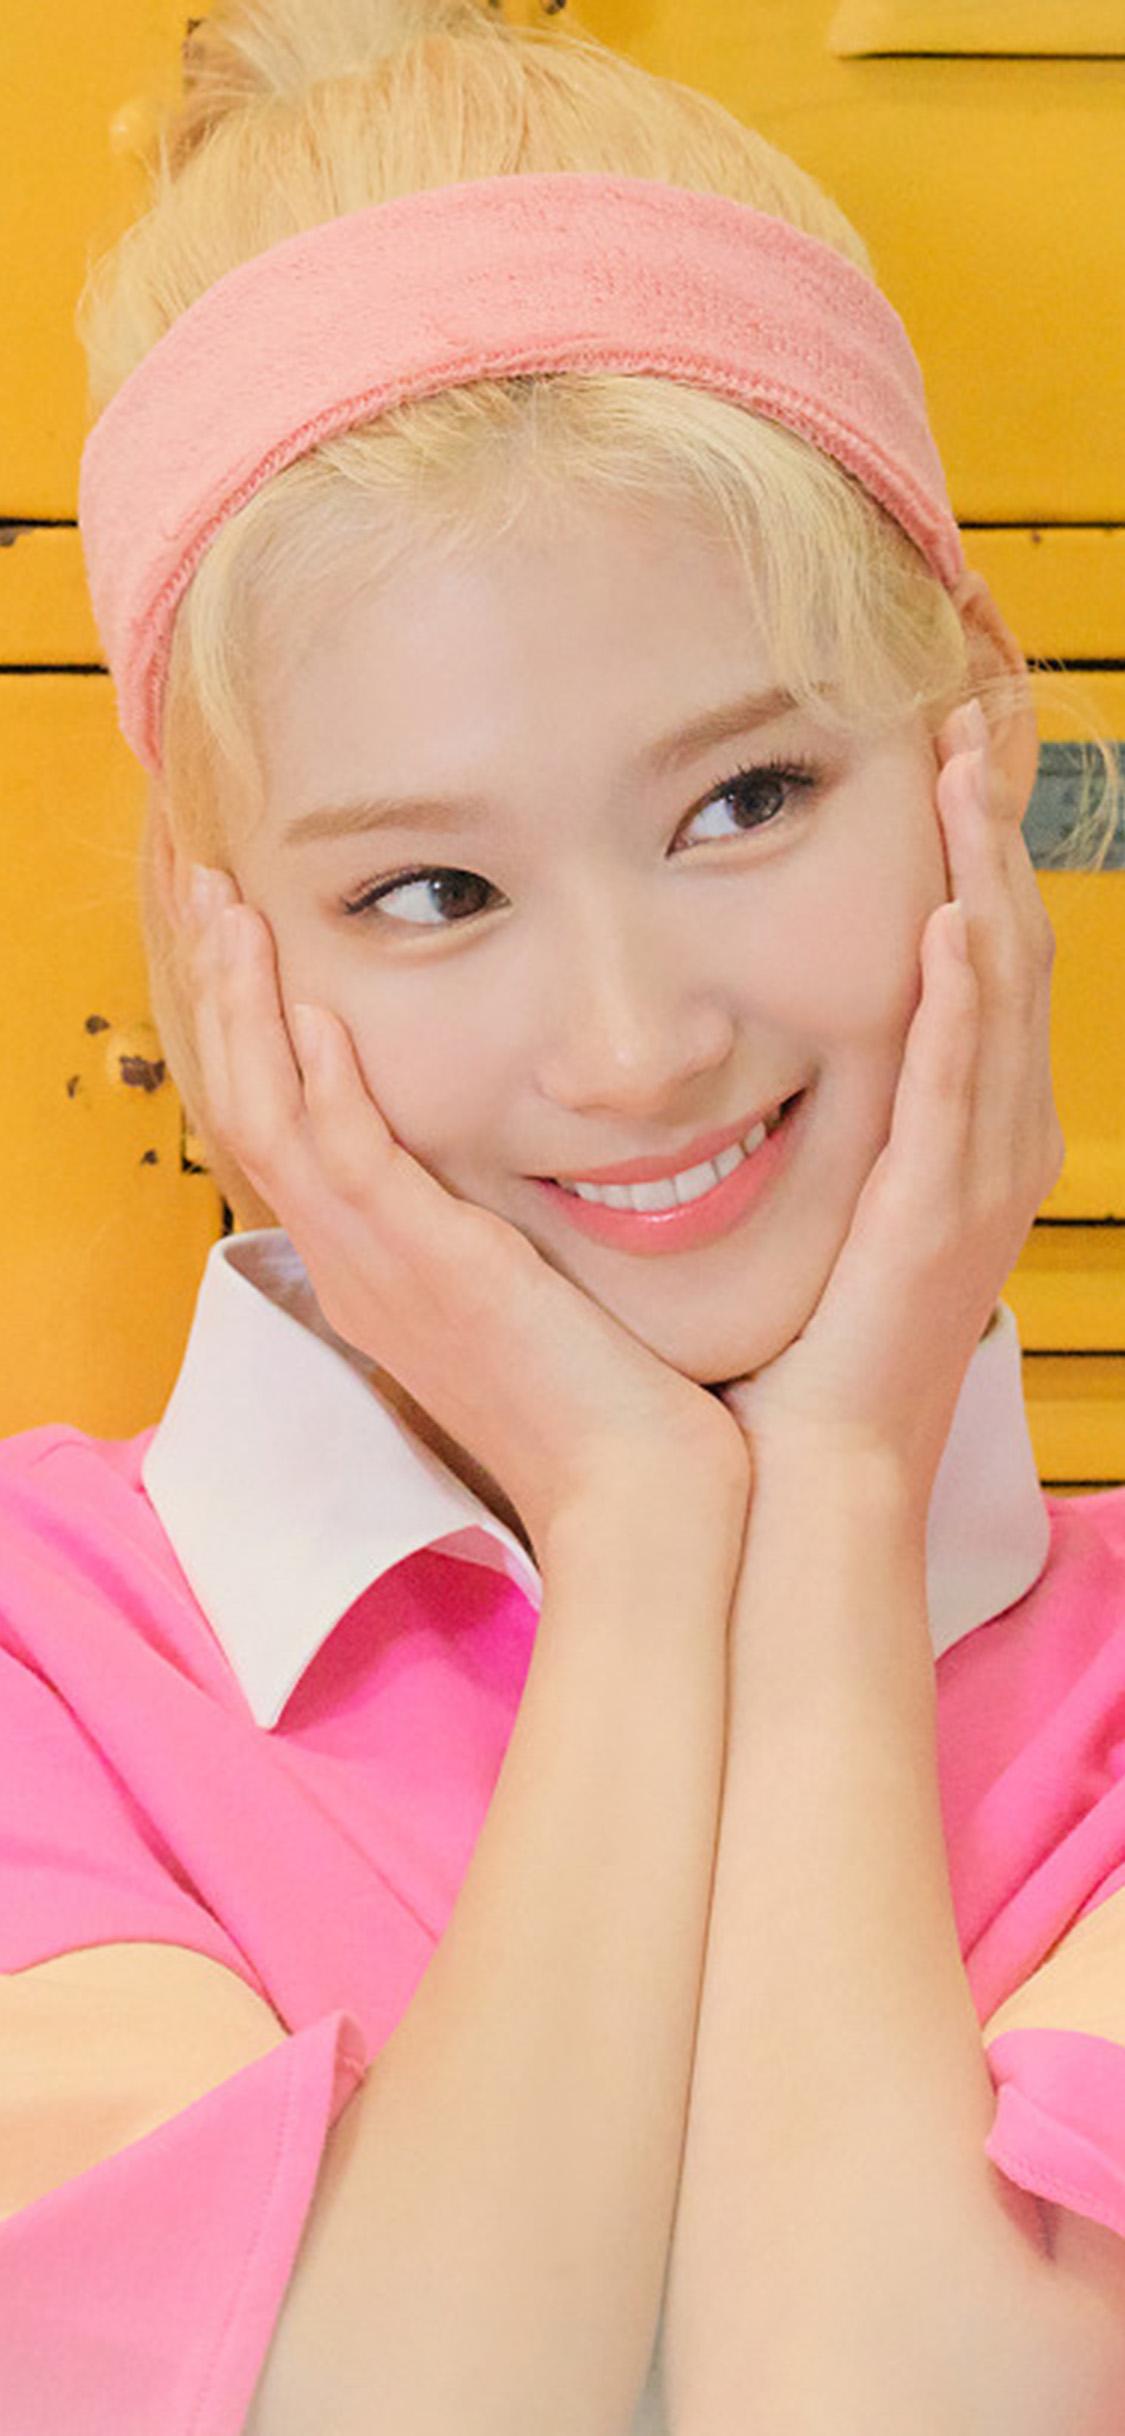 iPhonexpapers.com-Apple-iPhone-wallpaper-ht31-sana-girl-kpop-cute-twice